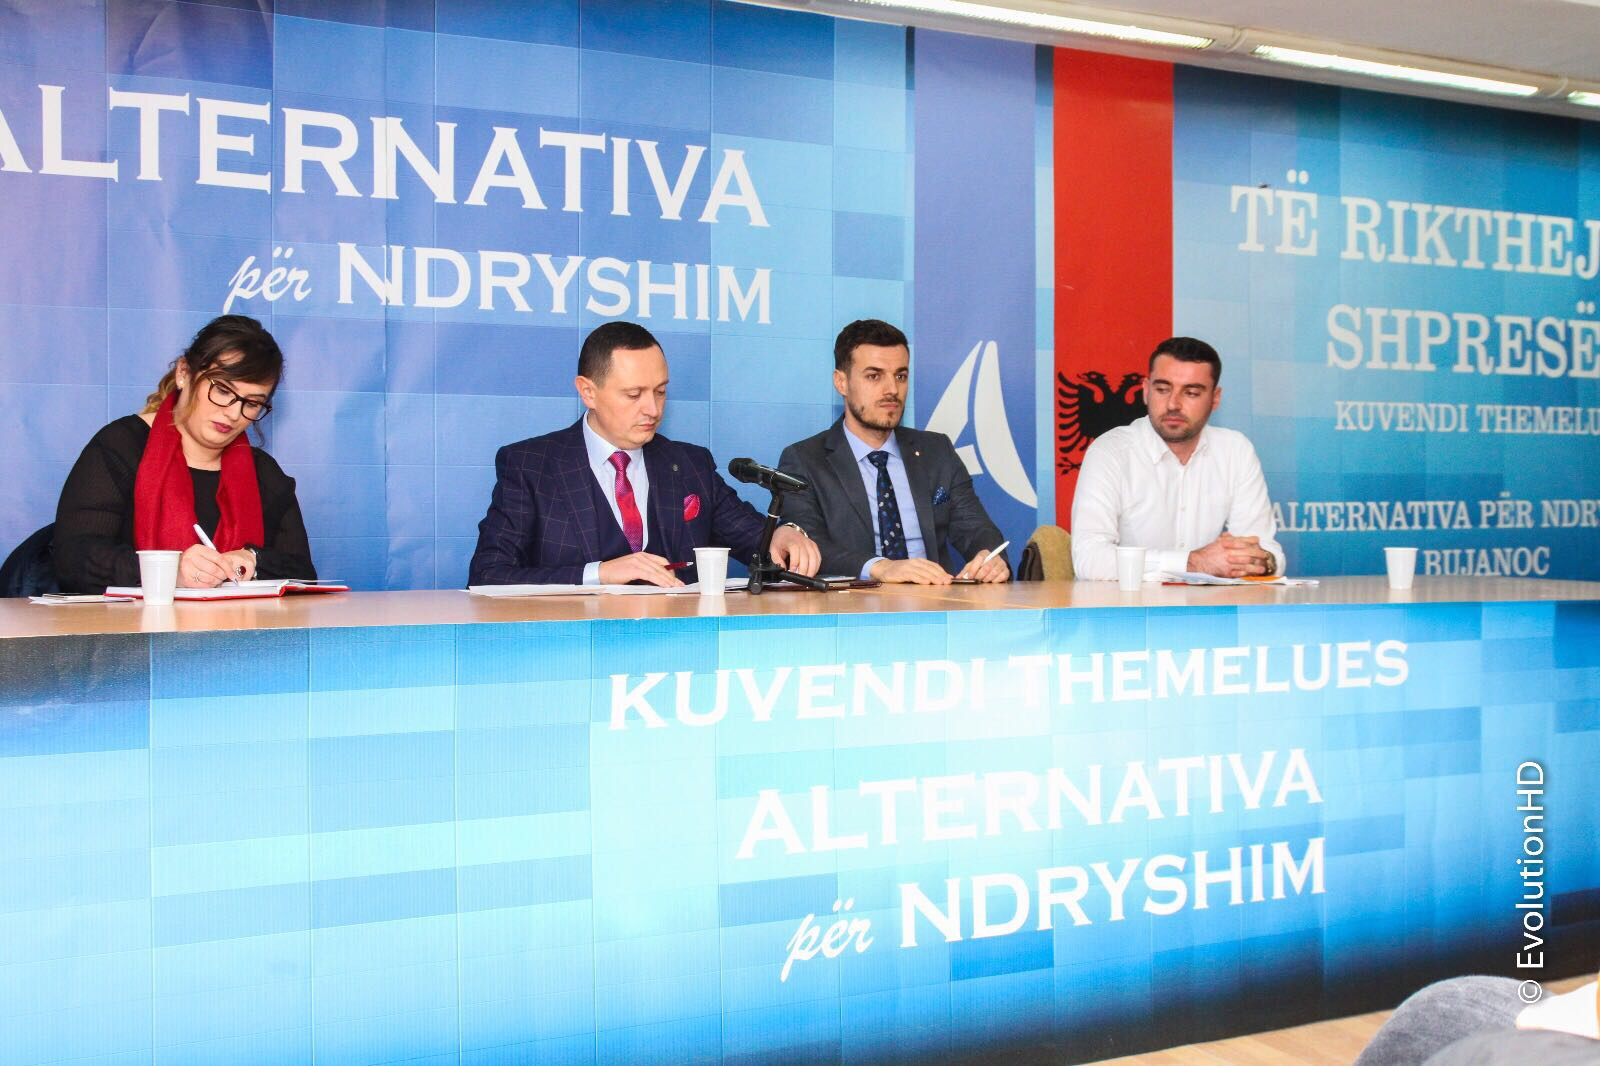 Mbahet Kuvendi themelues i APN në Bujanoc, Arbër Pajaziti kryetar